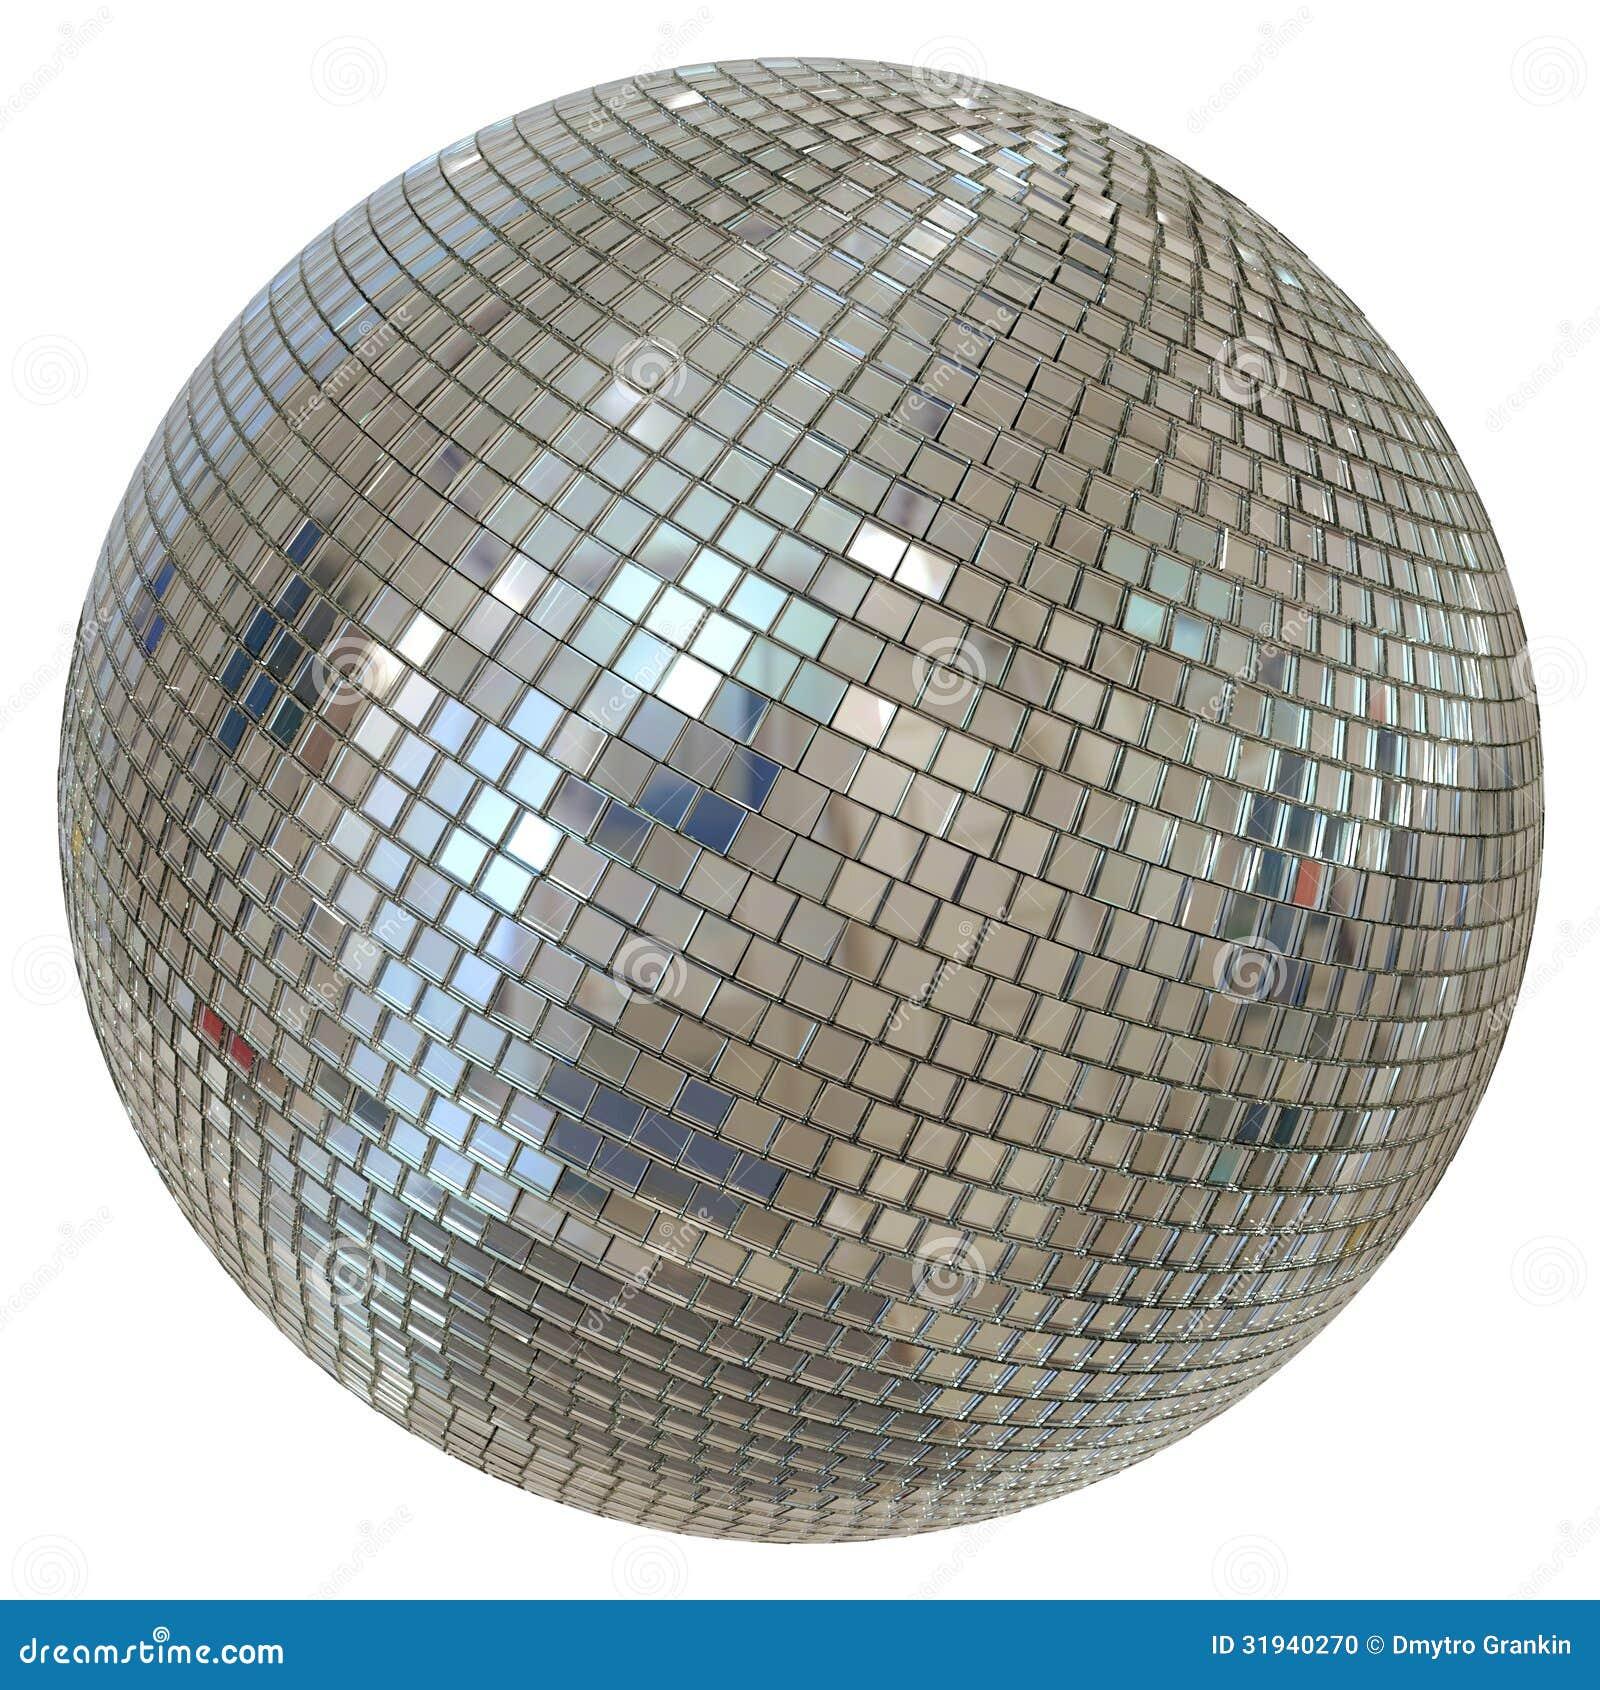 disco ball background white - photo #3